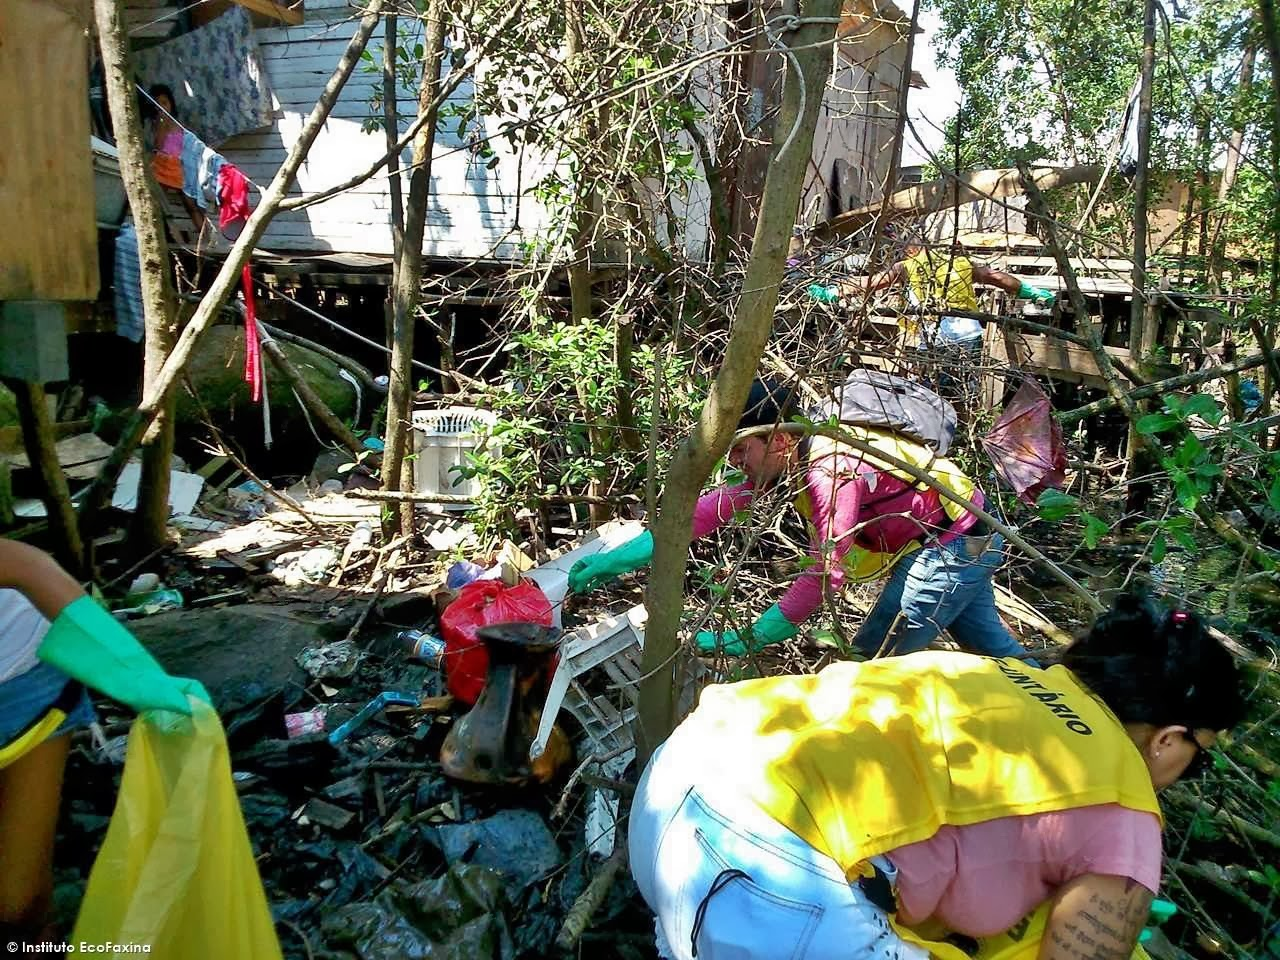 Voluntários coletam diversos tipos de objetos e materiais no mangue. Crédito: Instituto EcoFaxina